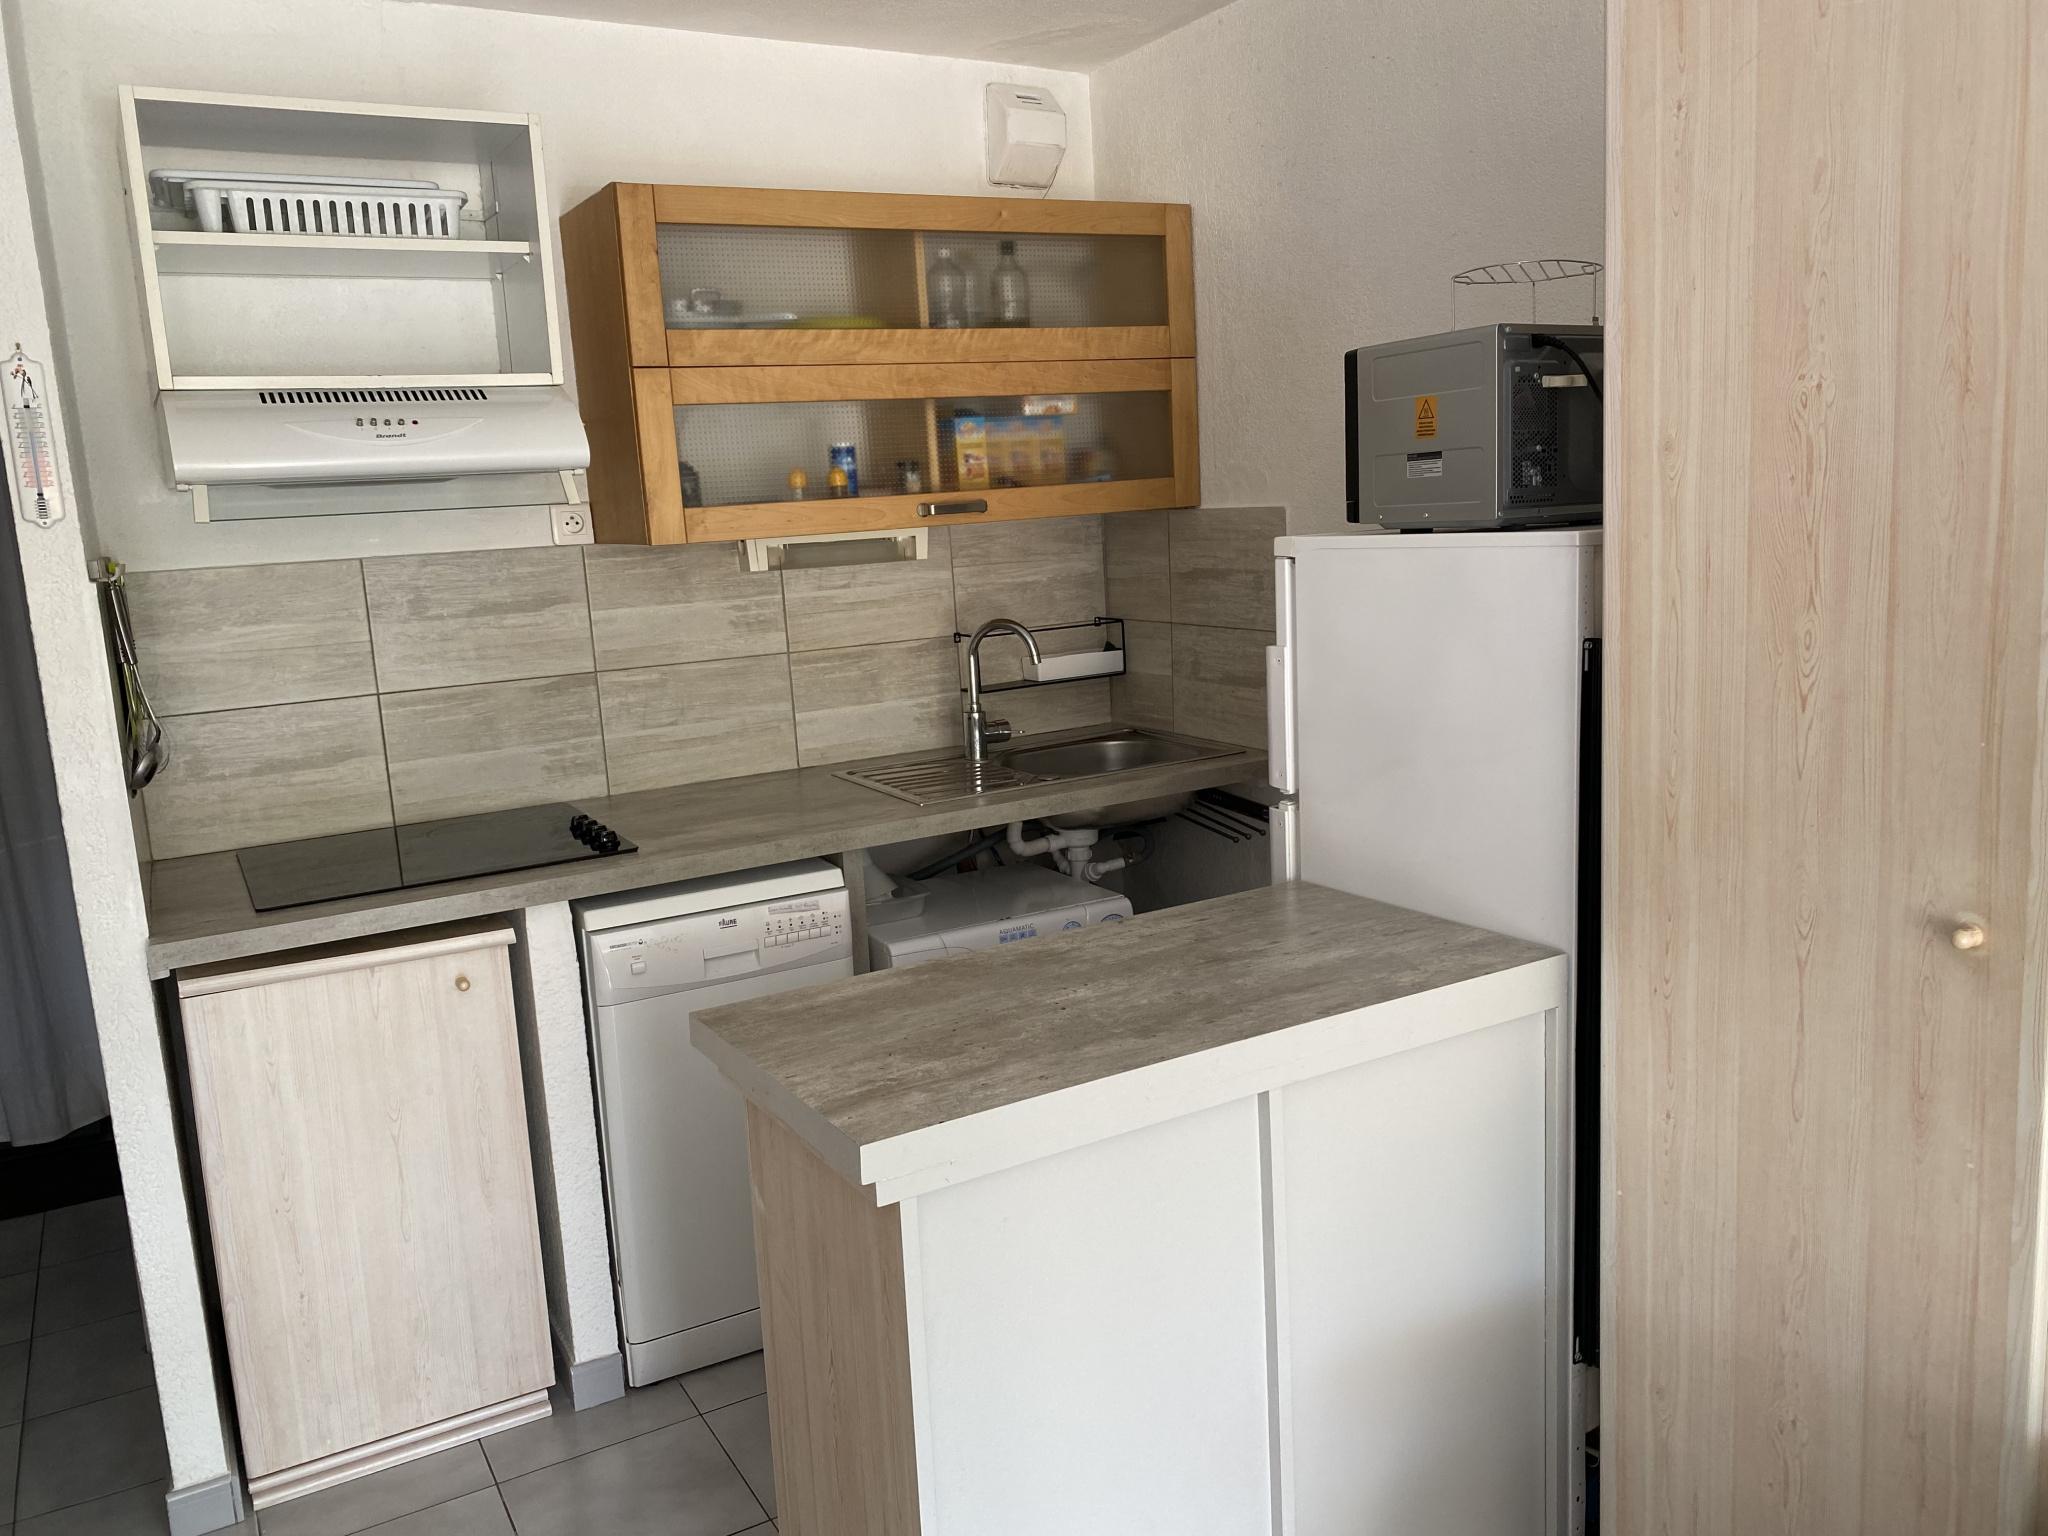 À vendre appartement de 25m2 à argeles sur mer (66700) - Photo 7'